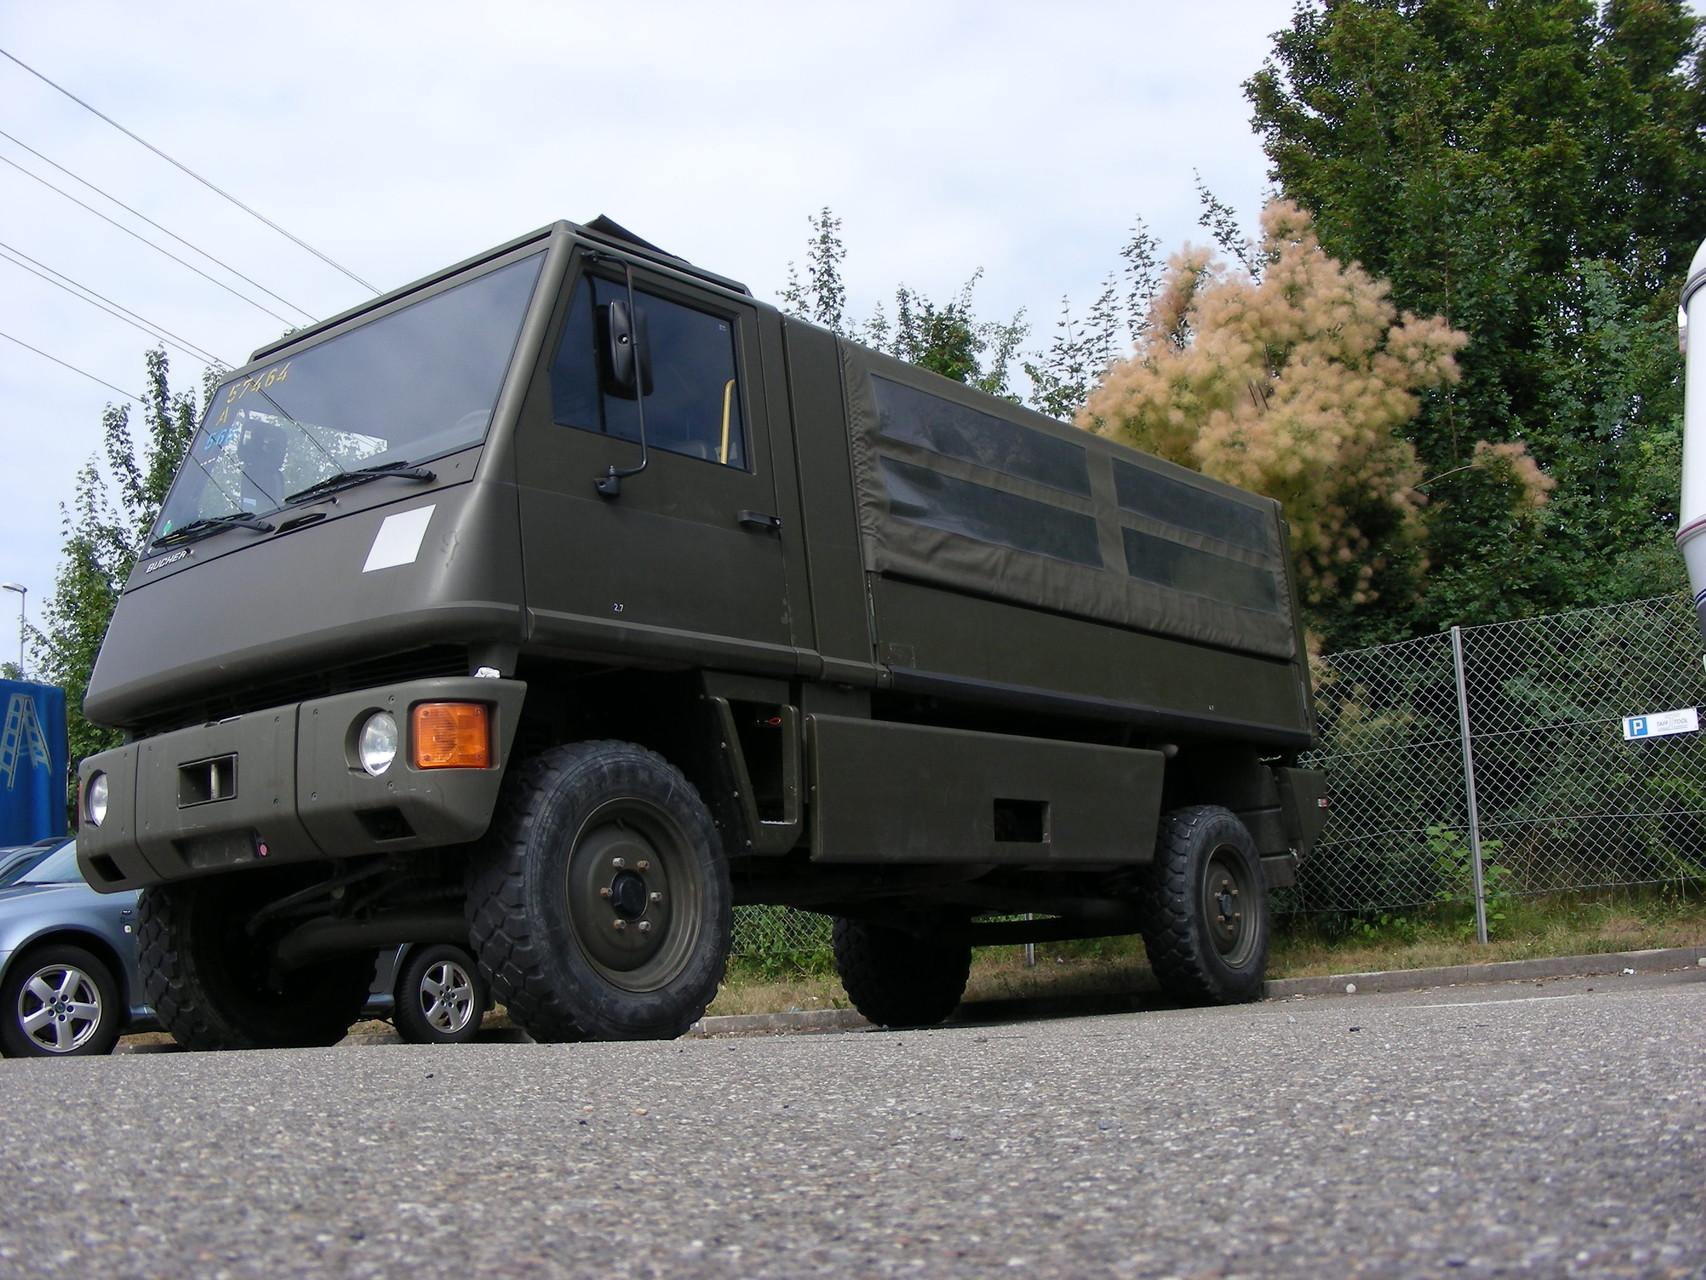 Duro im Militär-Design mit Planenaufbau